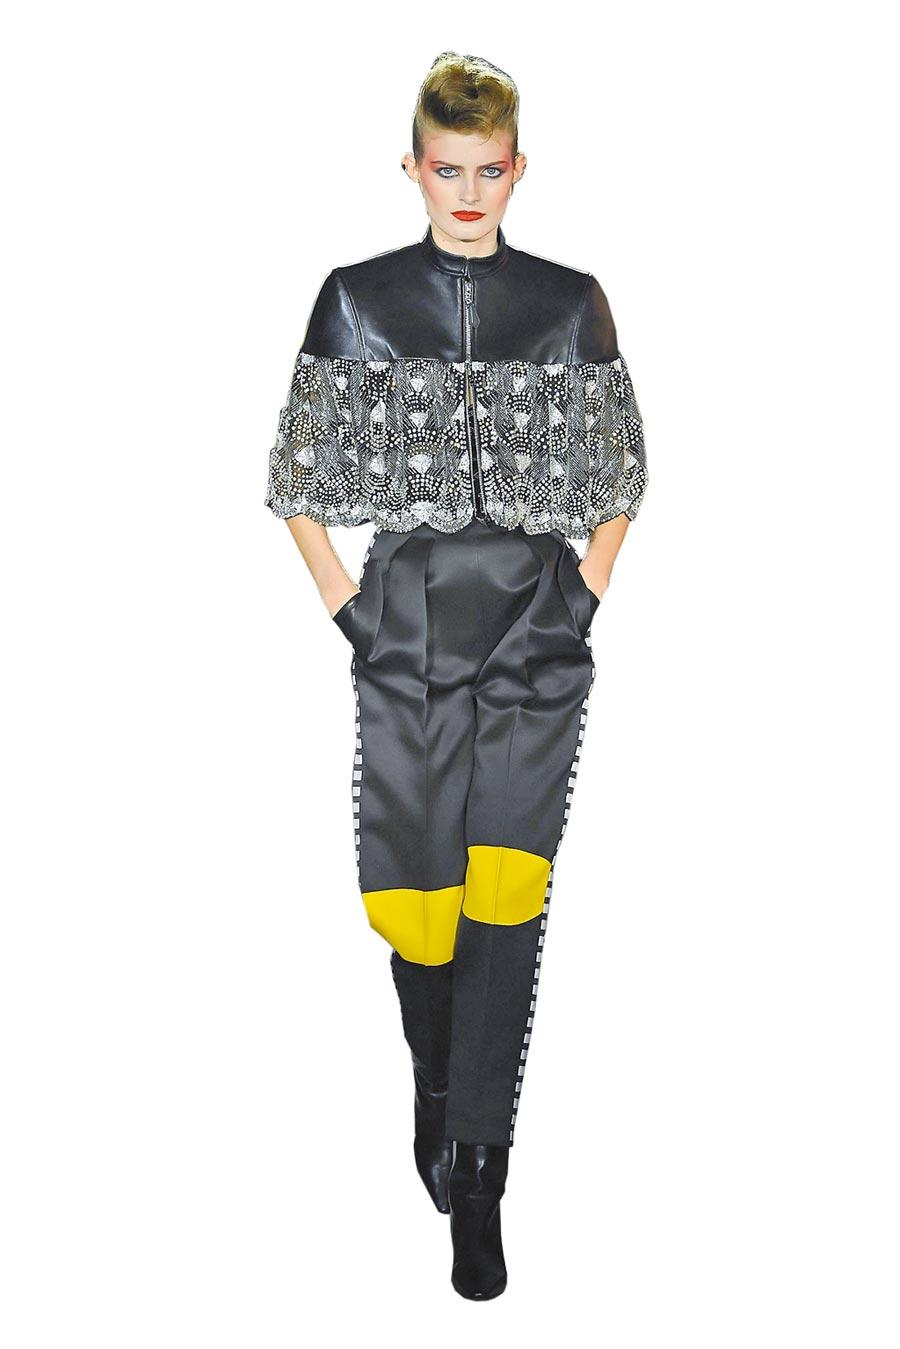 模特兒上身的短版外套,水鑽拼接出的類蕾絲裝飾呈現出柔美華麗。長褲上拼接的螢光黃是本季重點色。(LV提供)